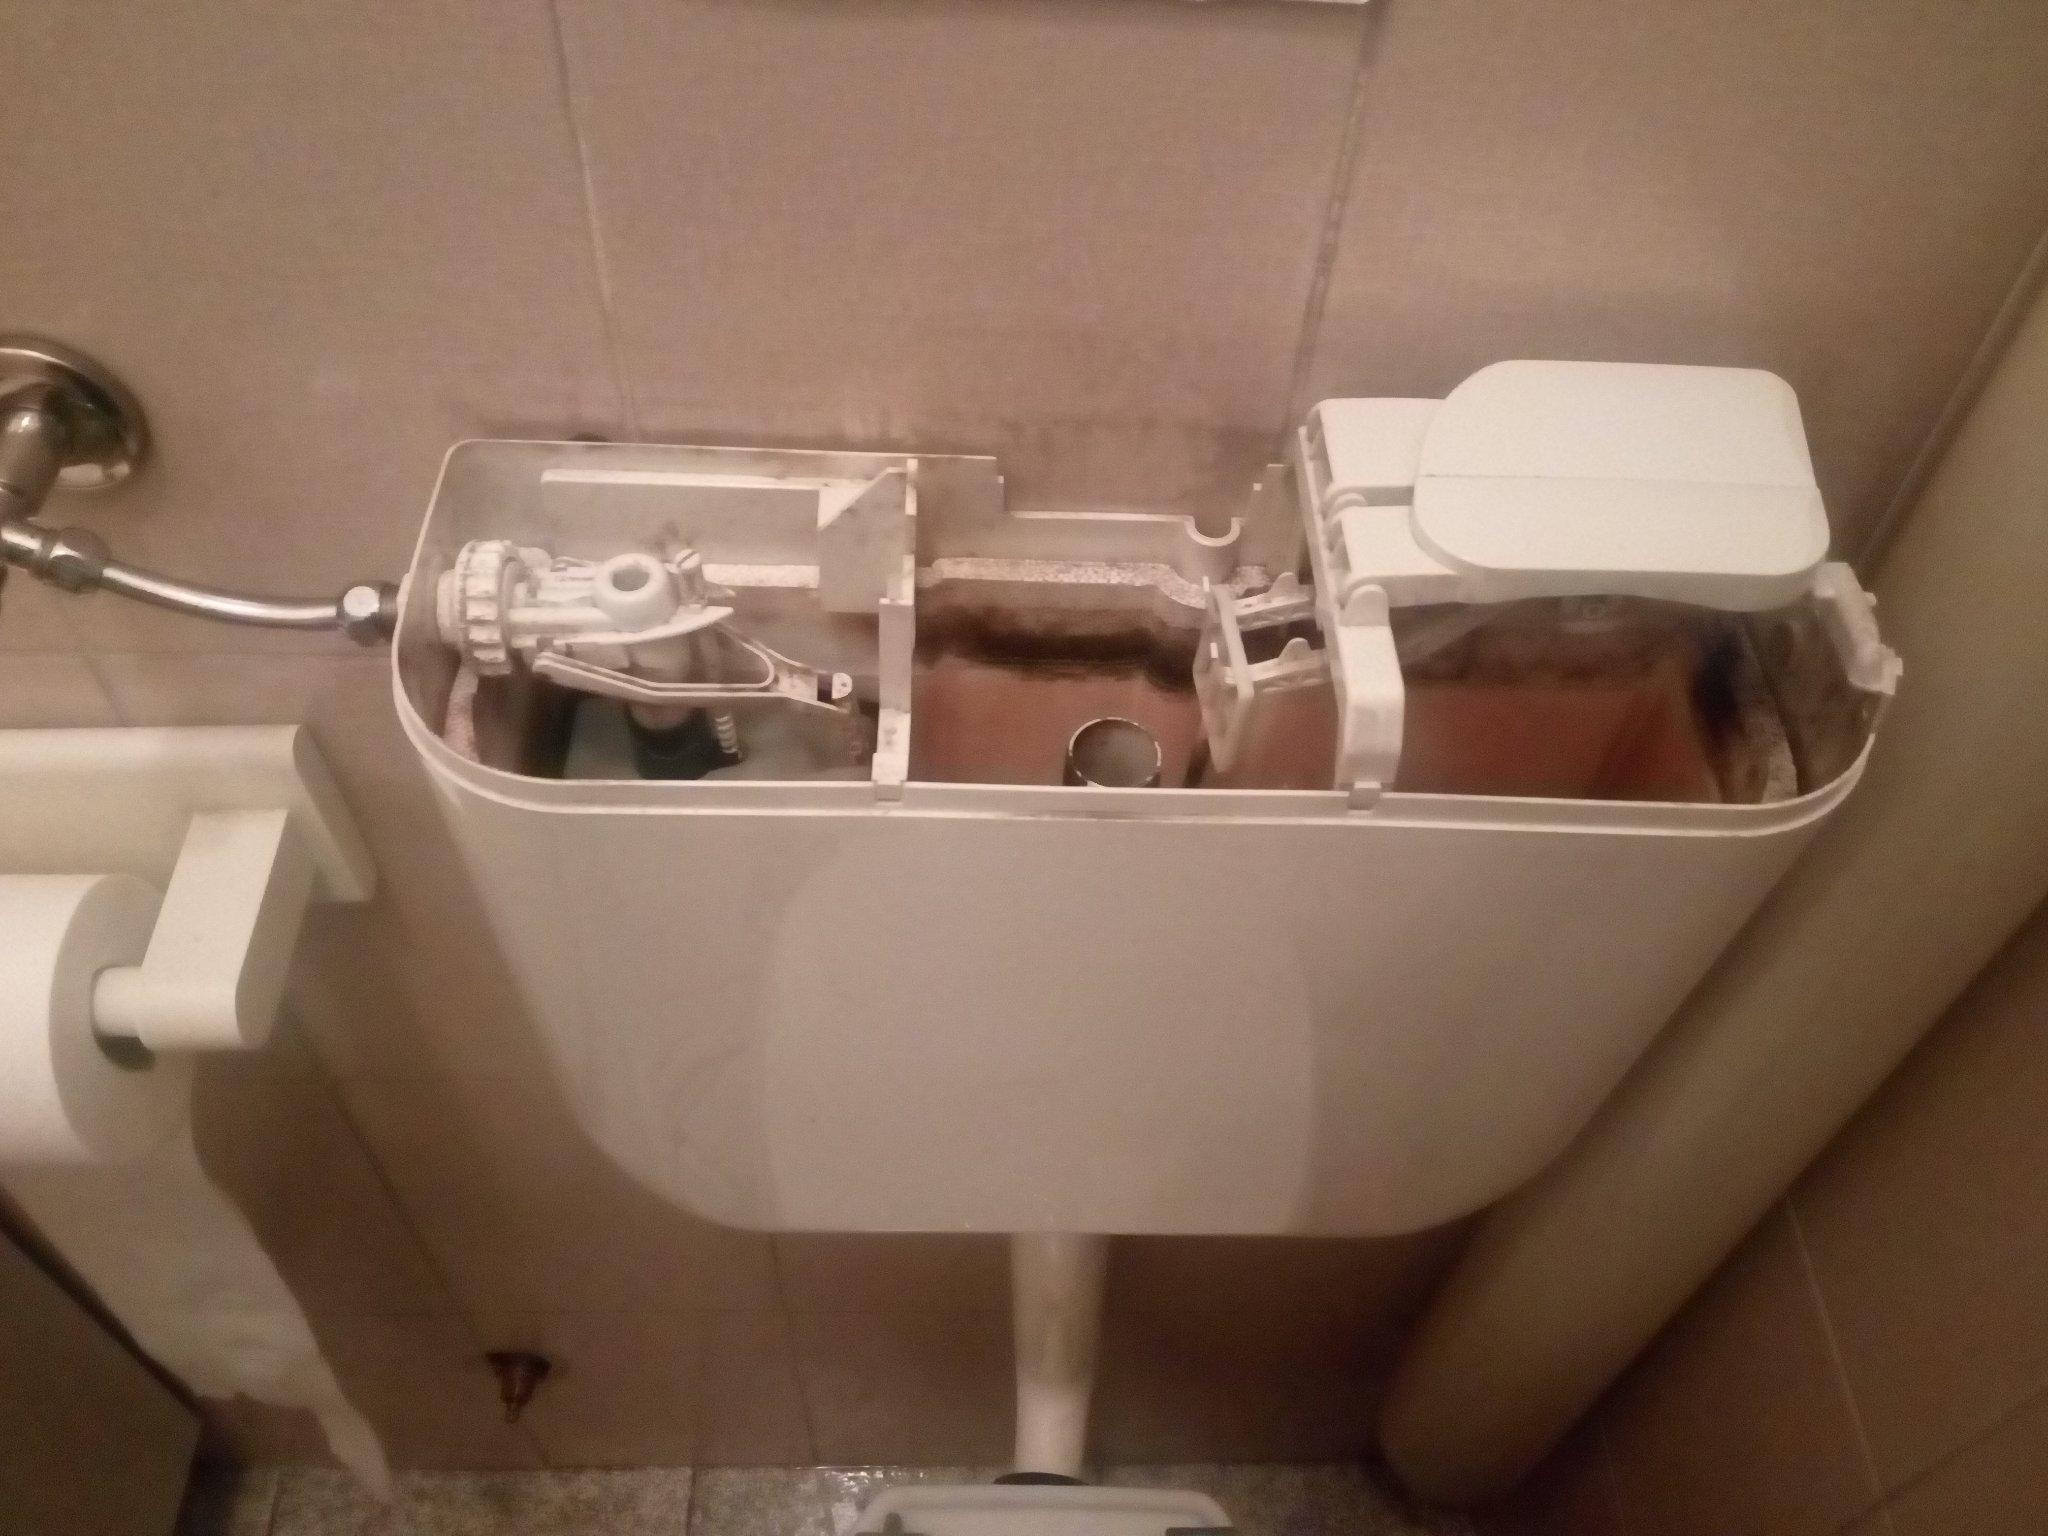 Sostituzione cassetta scarico wc instapro